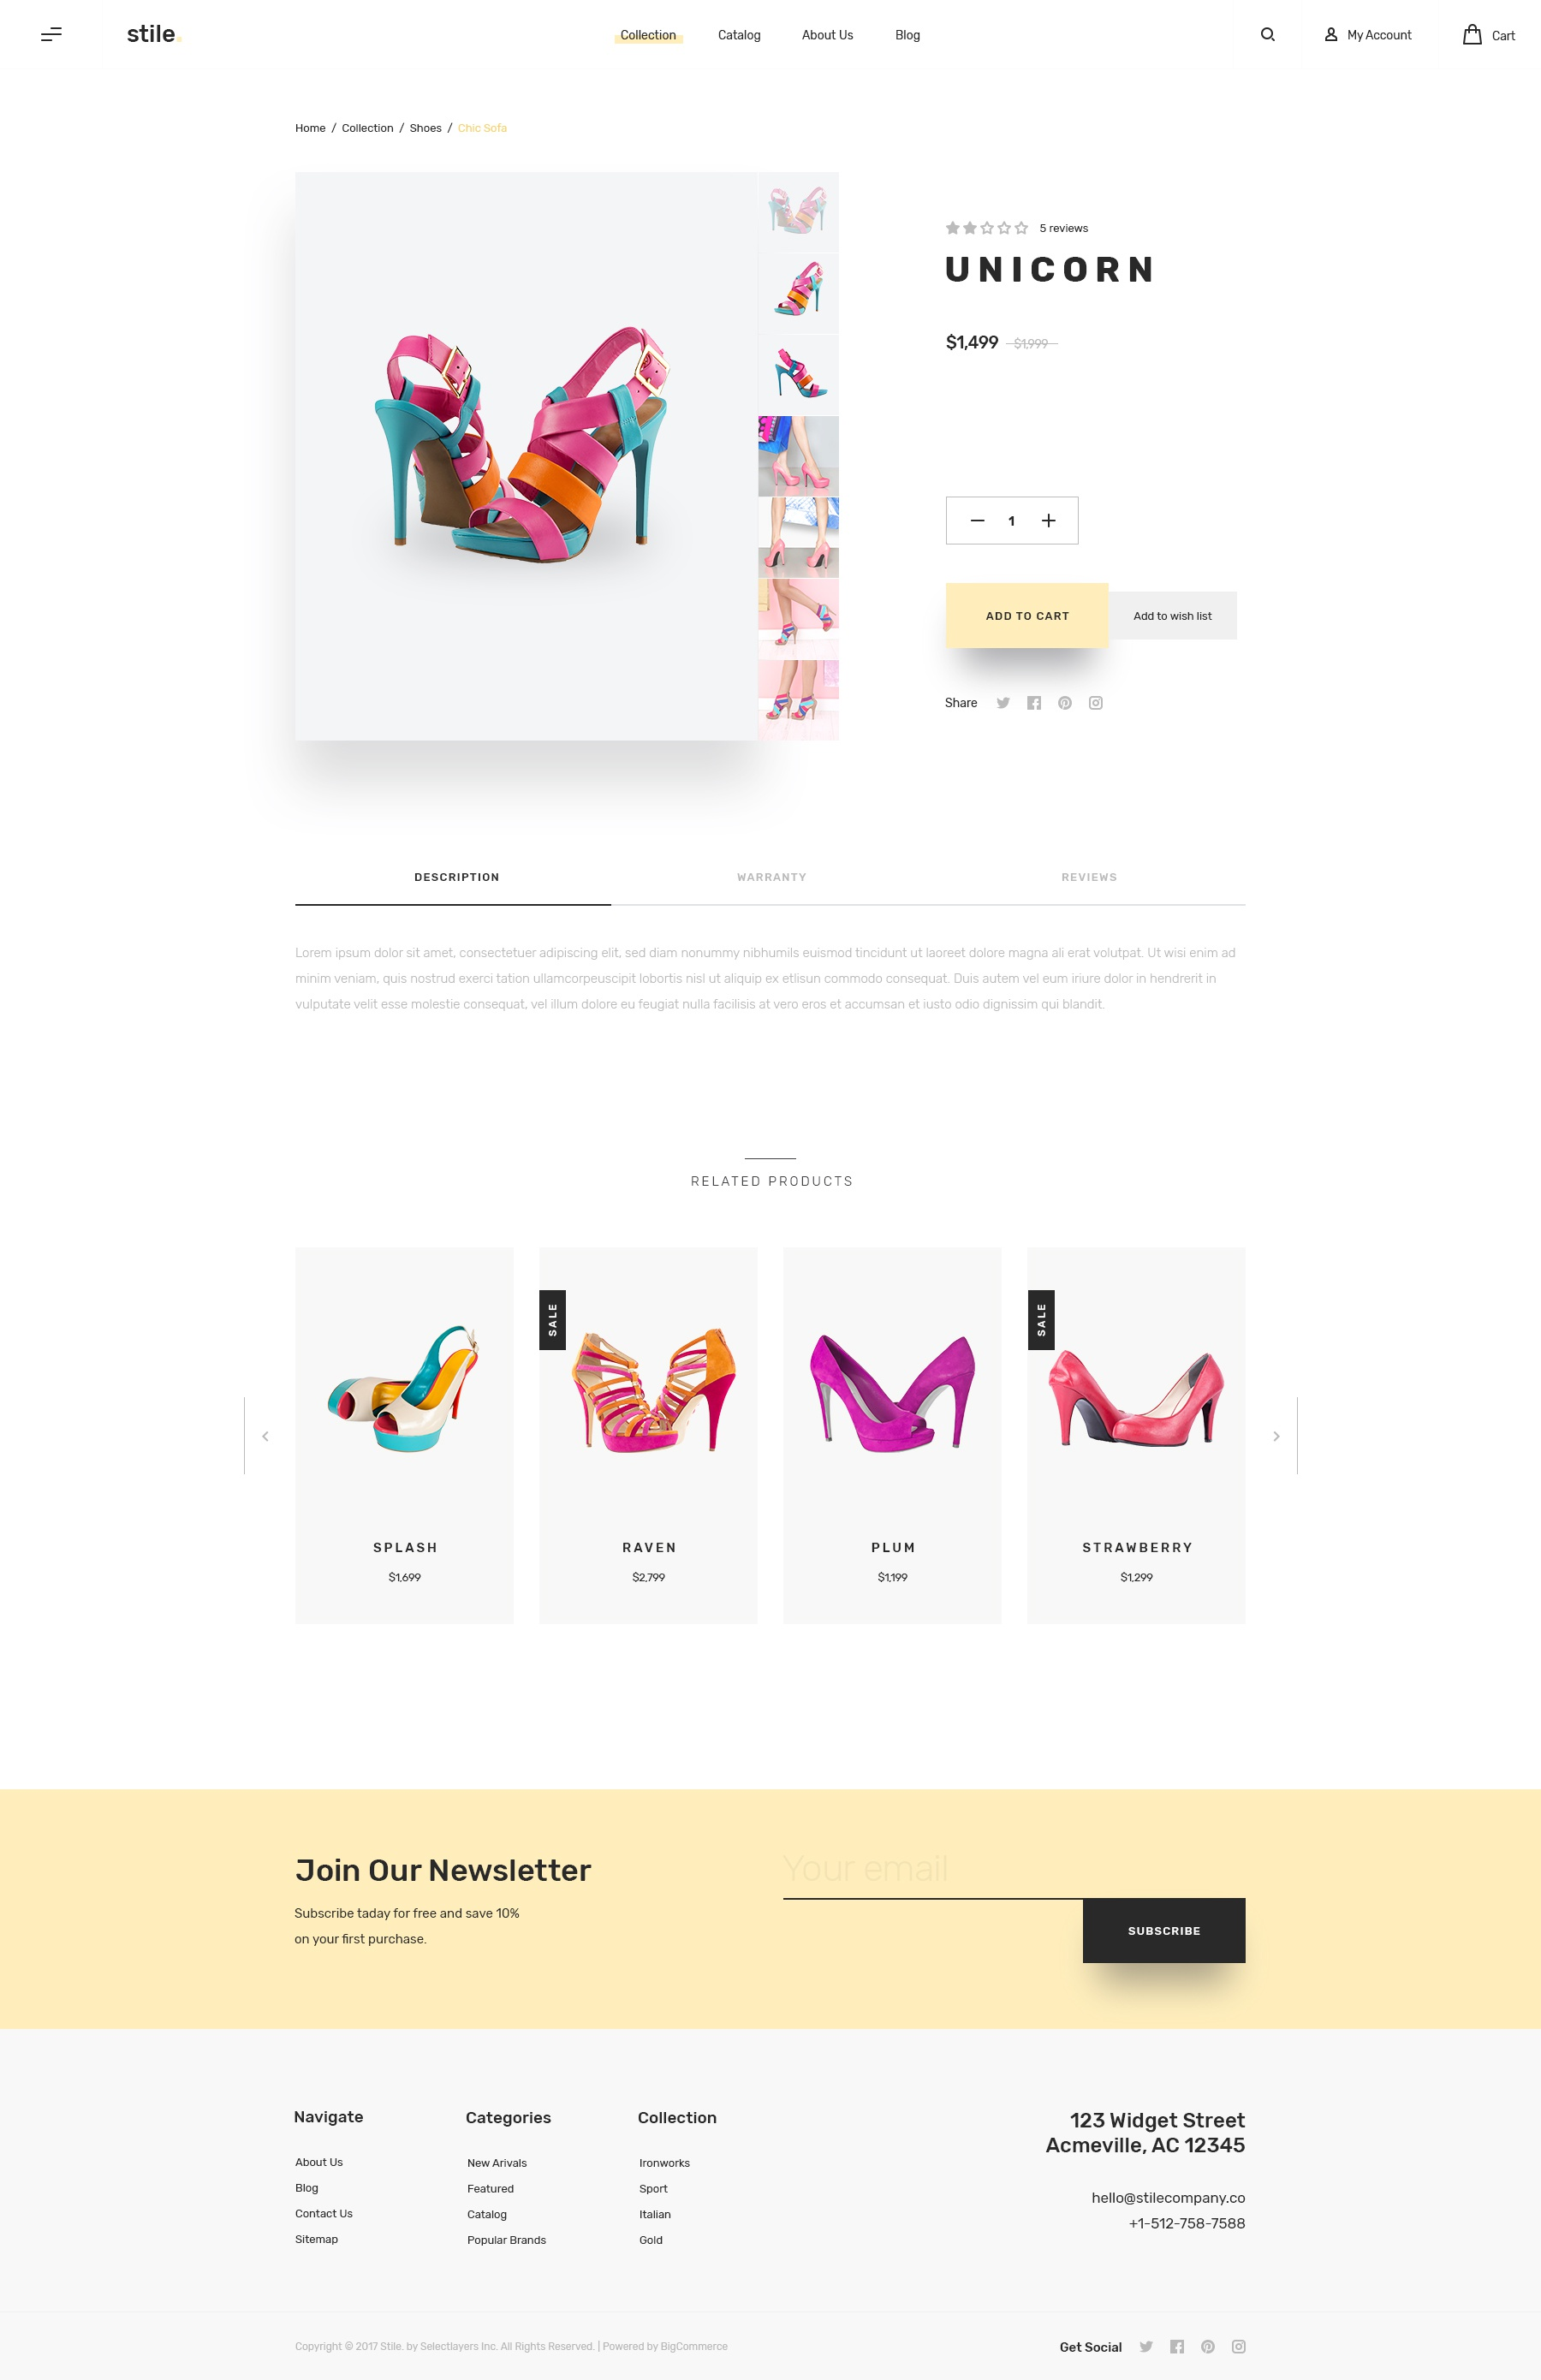 Stile product details v4